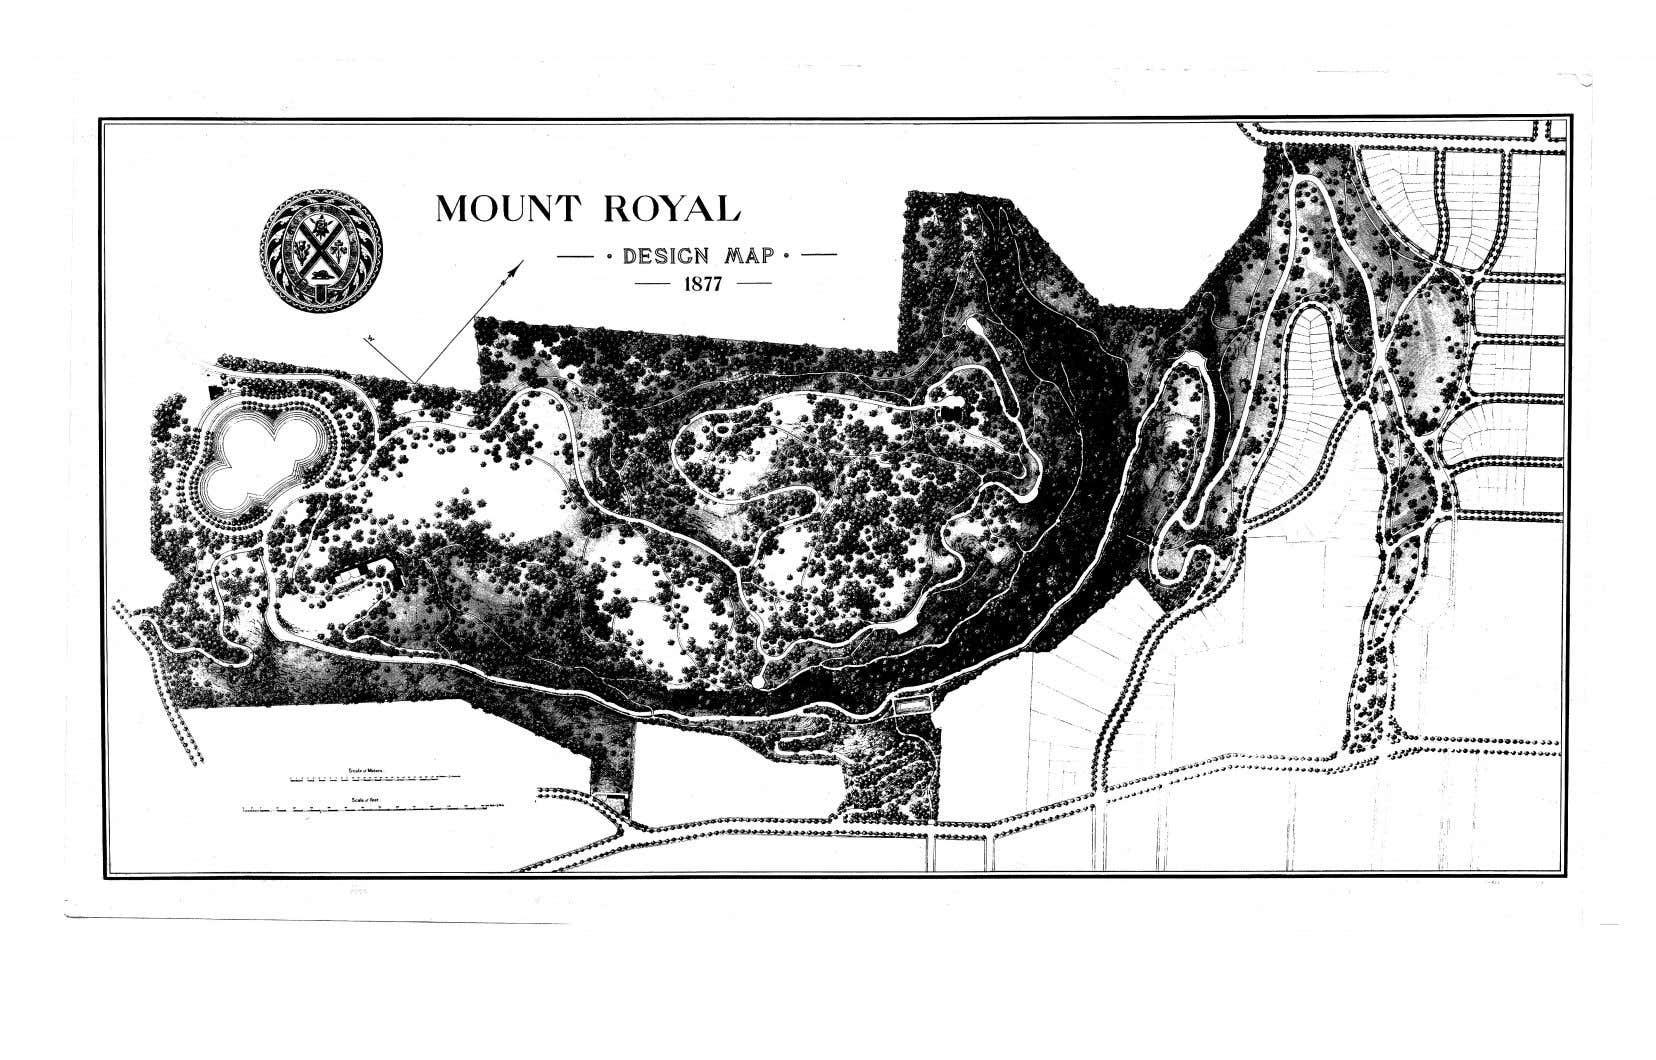 Un plan du parc du Mont-Royal tel qu'imaginé par Frederick Law Olmsted